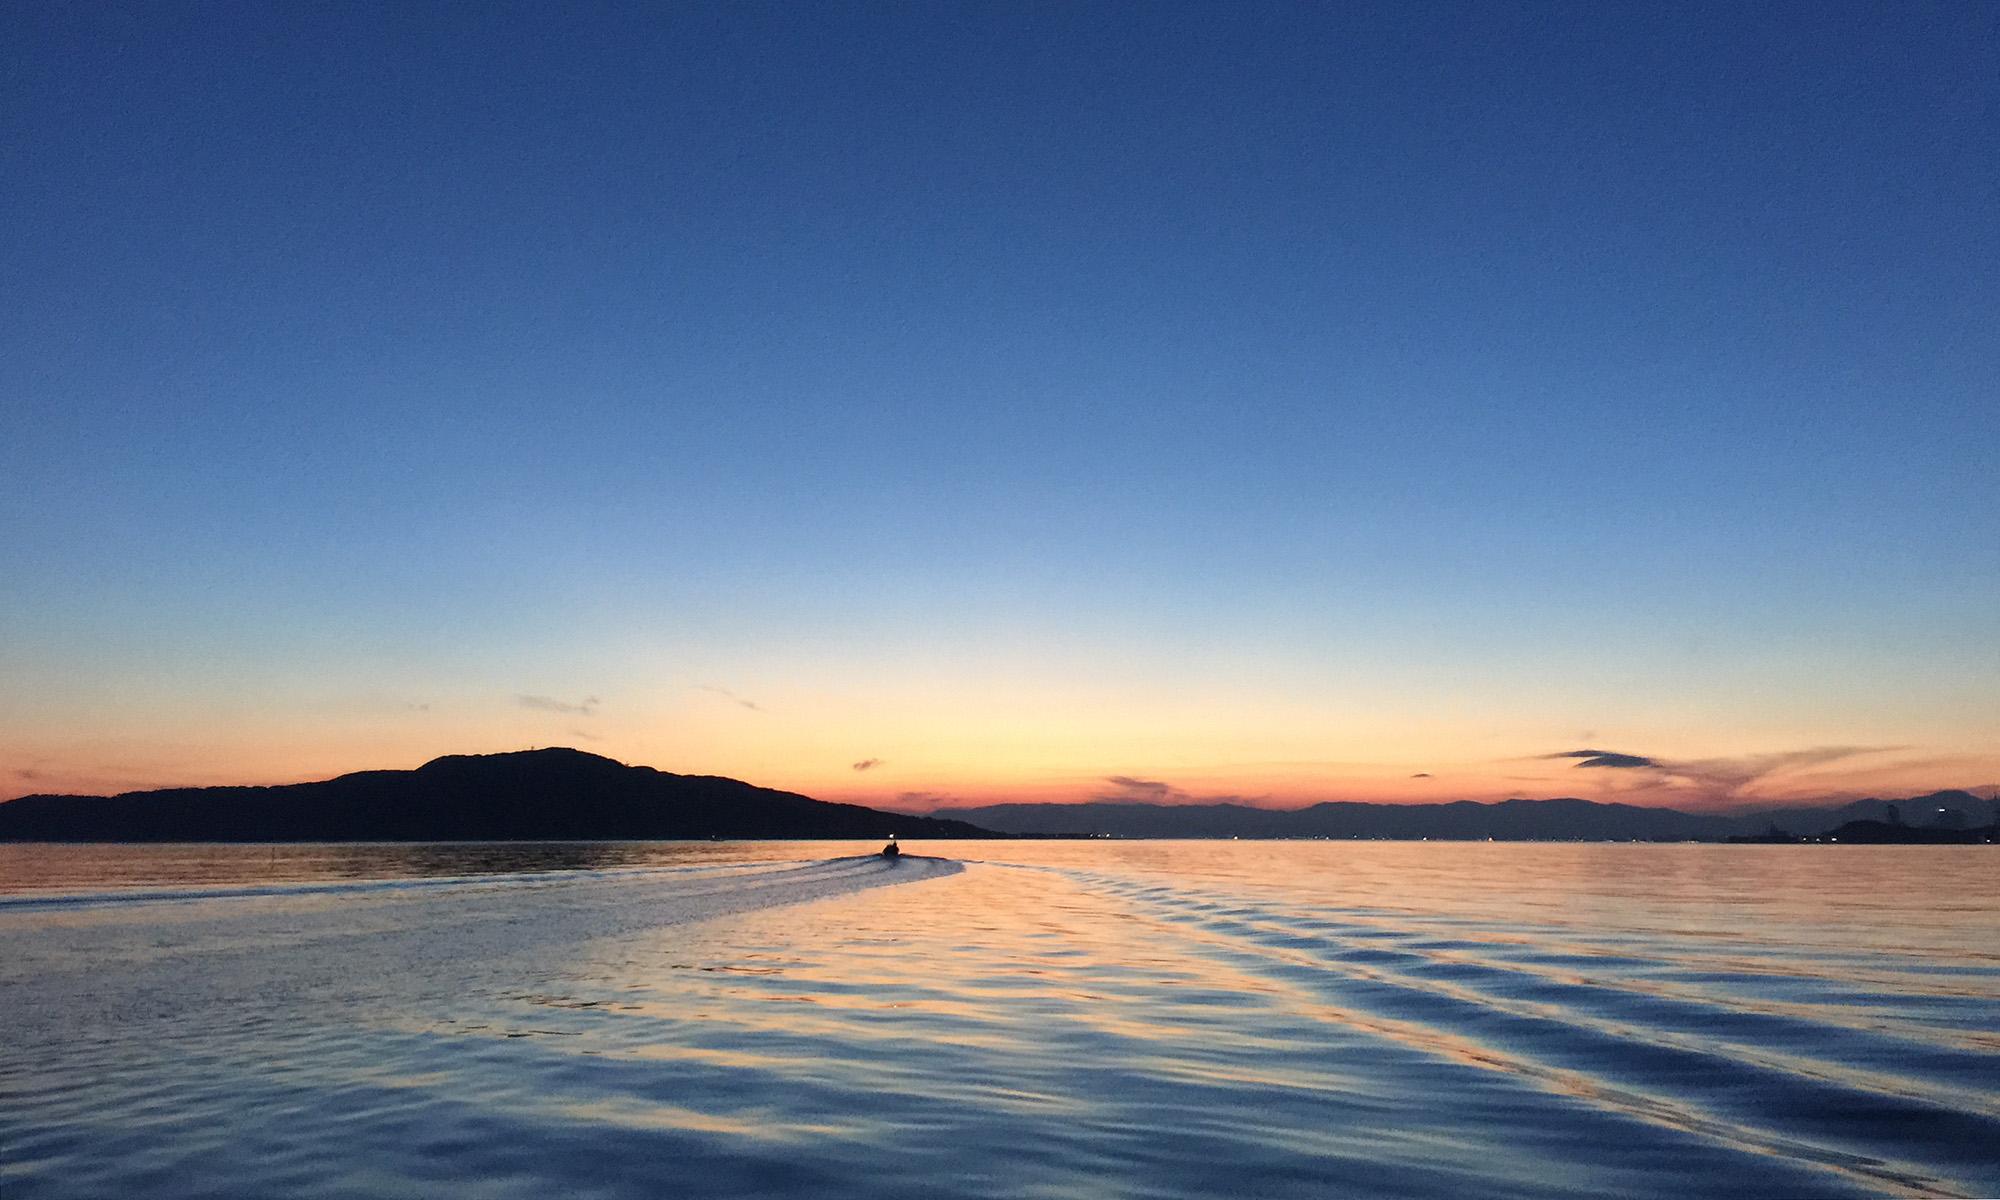 能古島をのぞむ博多湾の夜明け